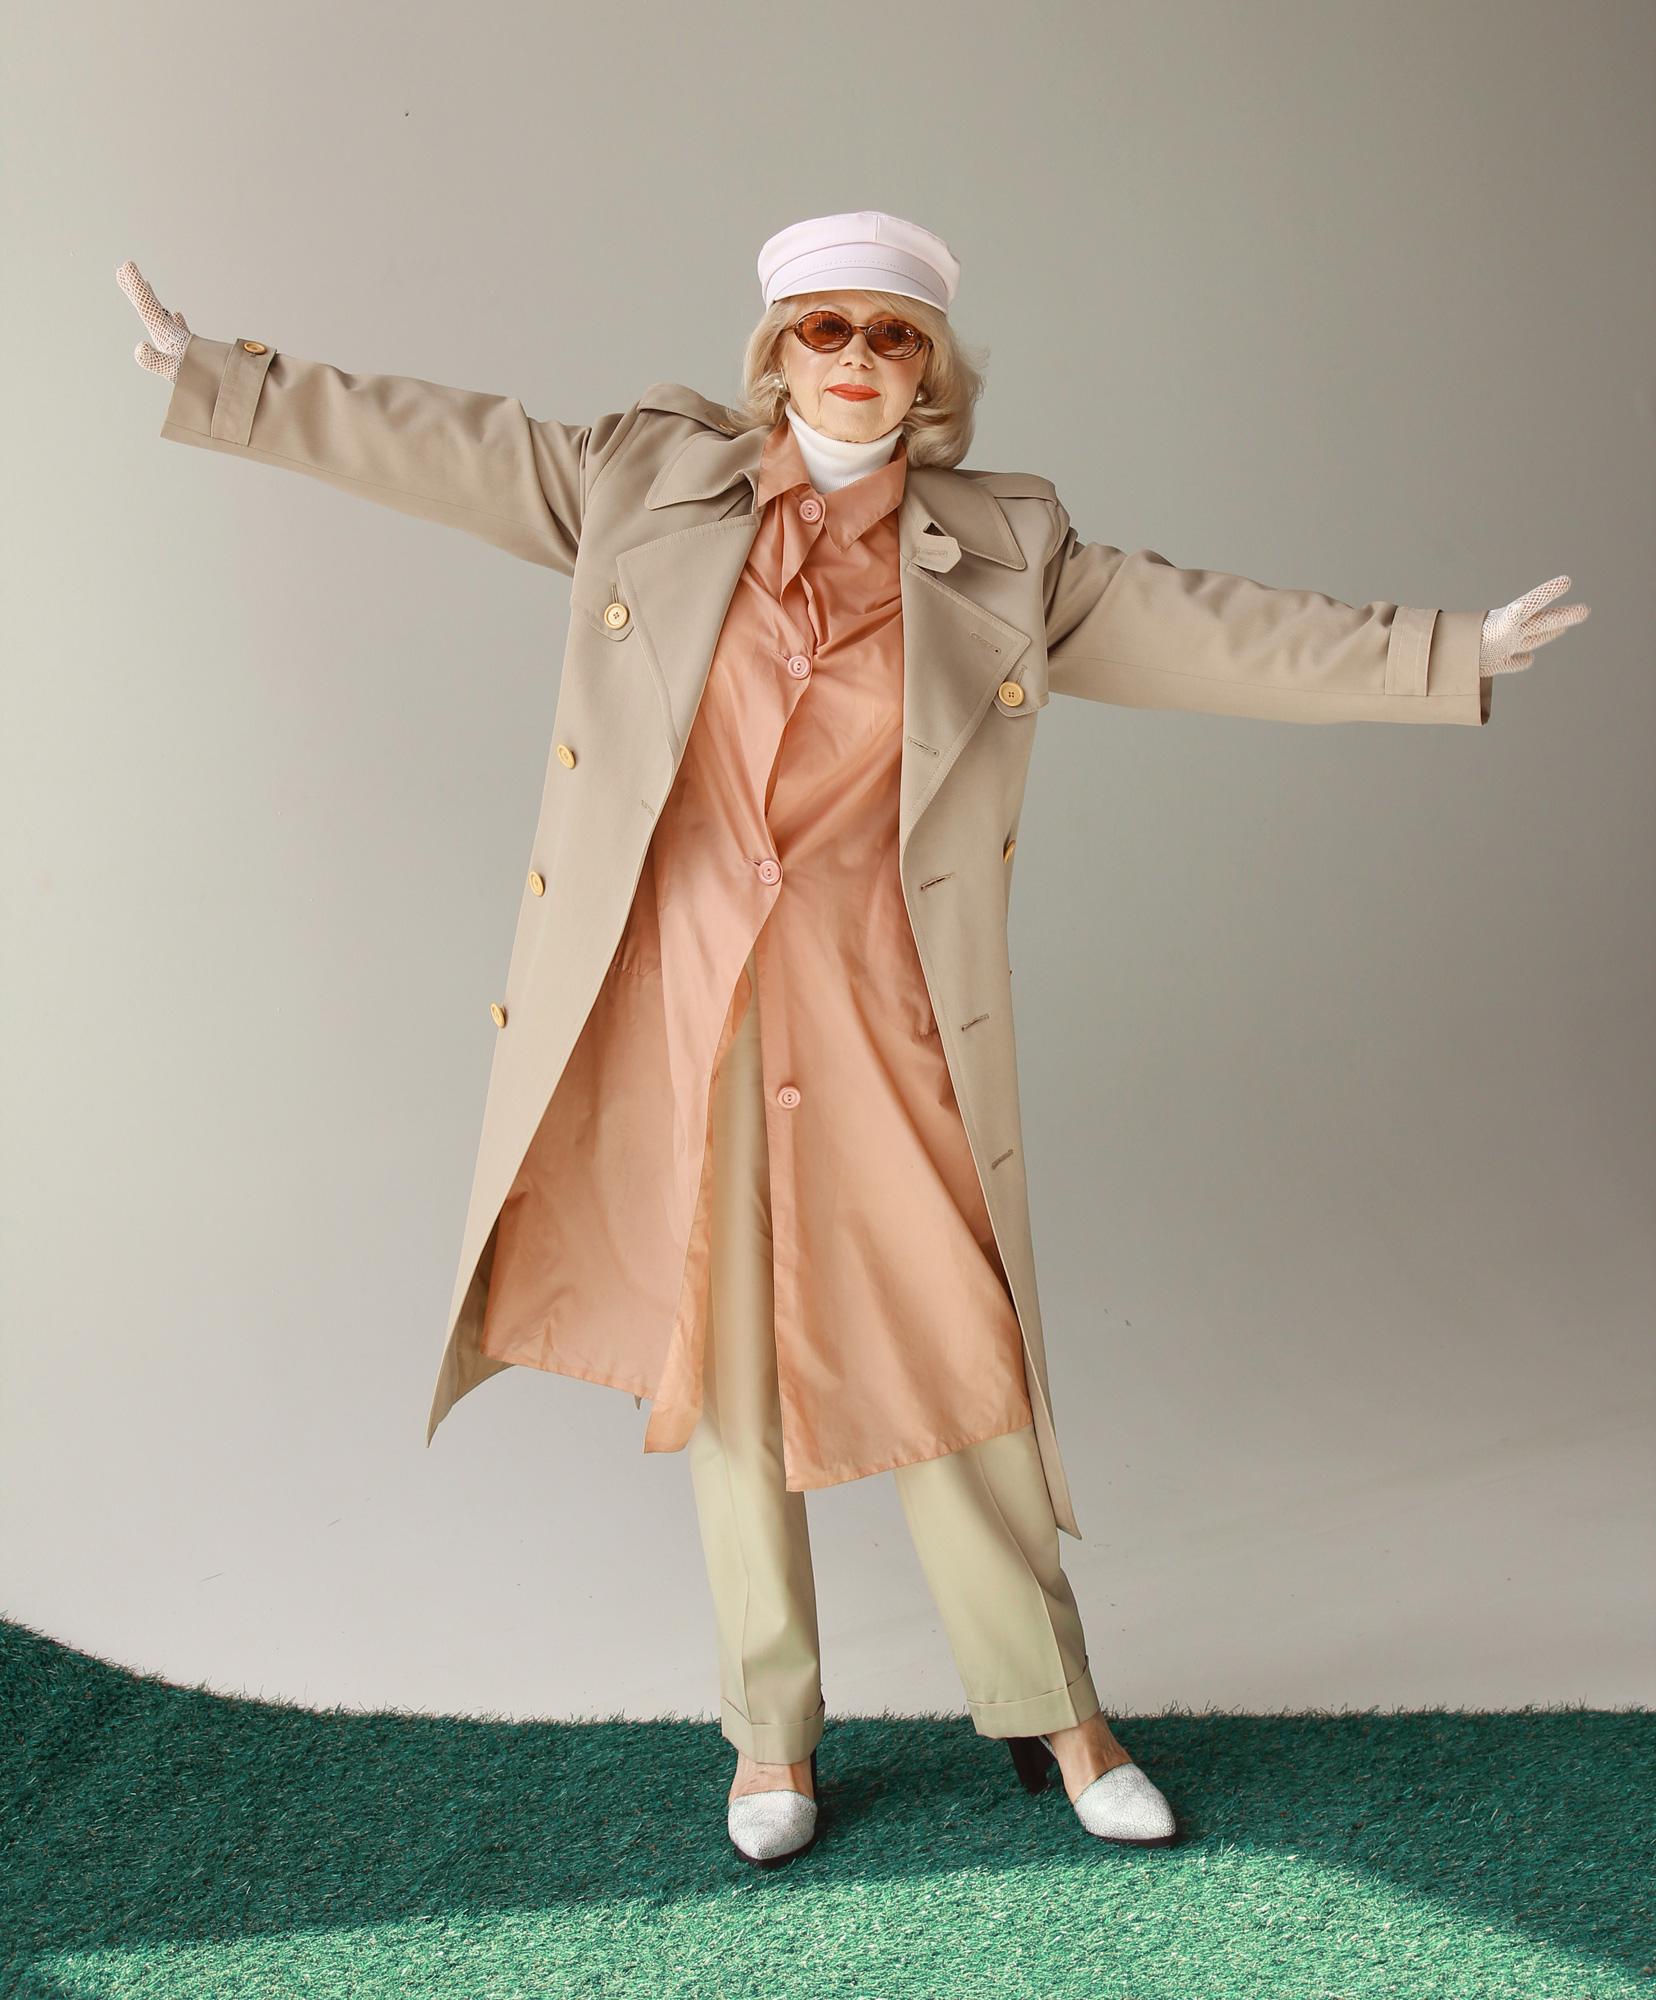 Как стать моделью в 40 лет работа девушки сахалин